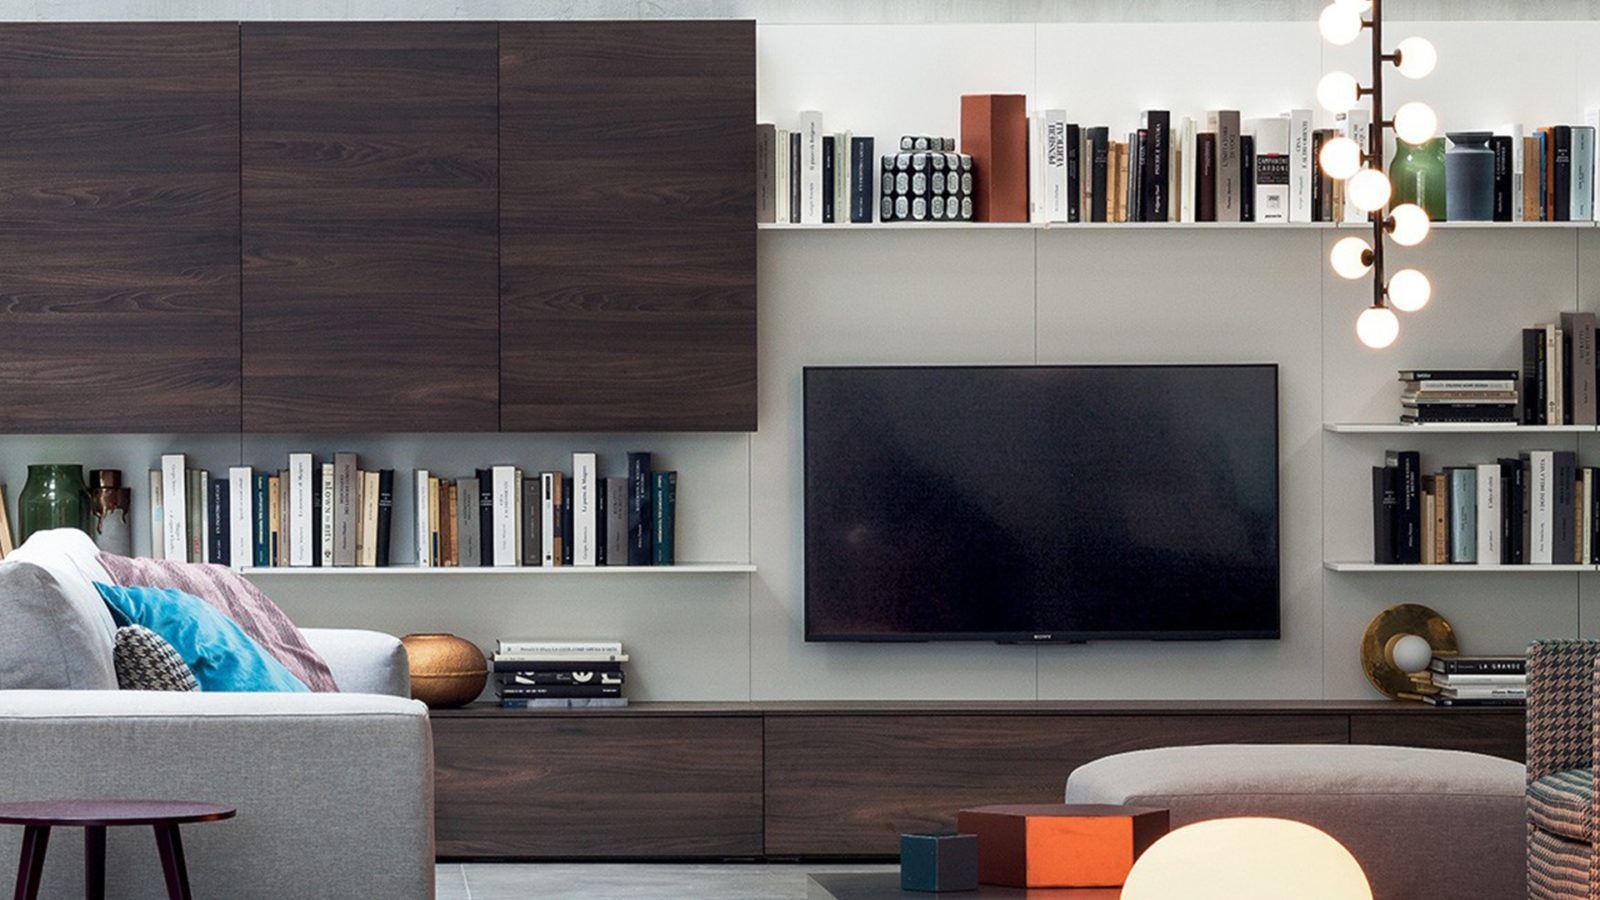 Arredamenti meneghello catalogo - Dalani mobili porta tv ...